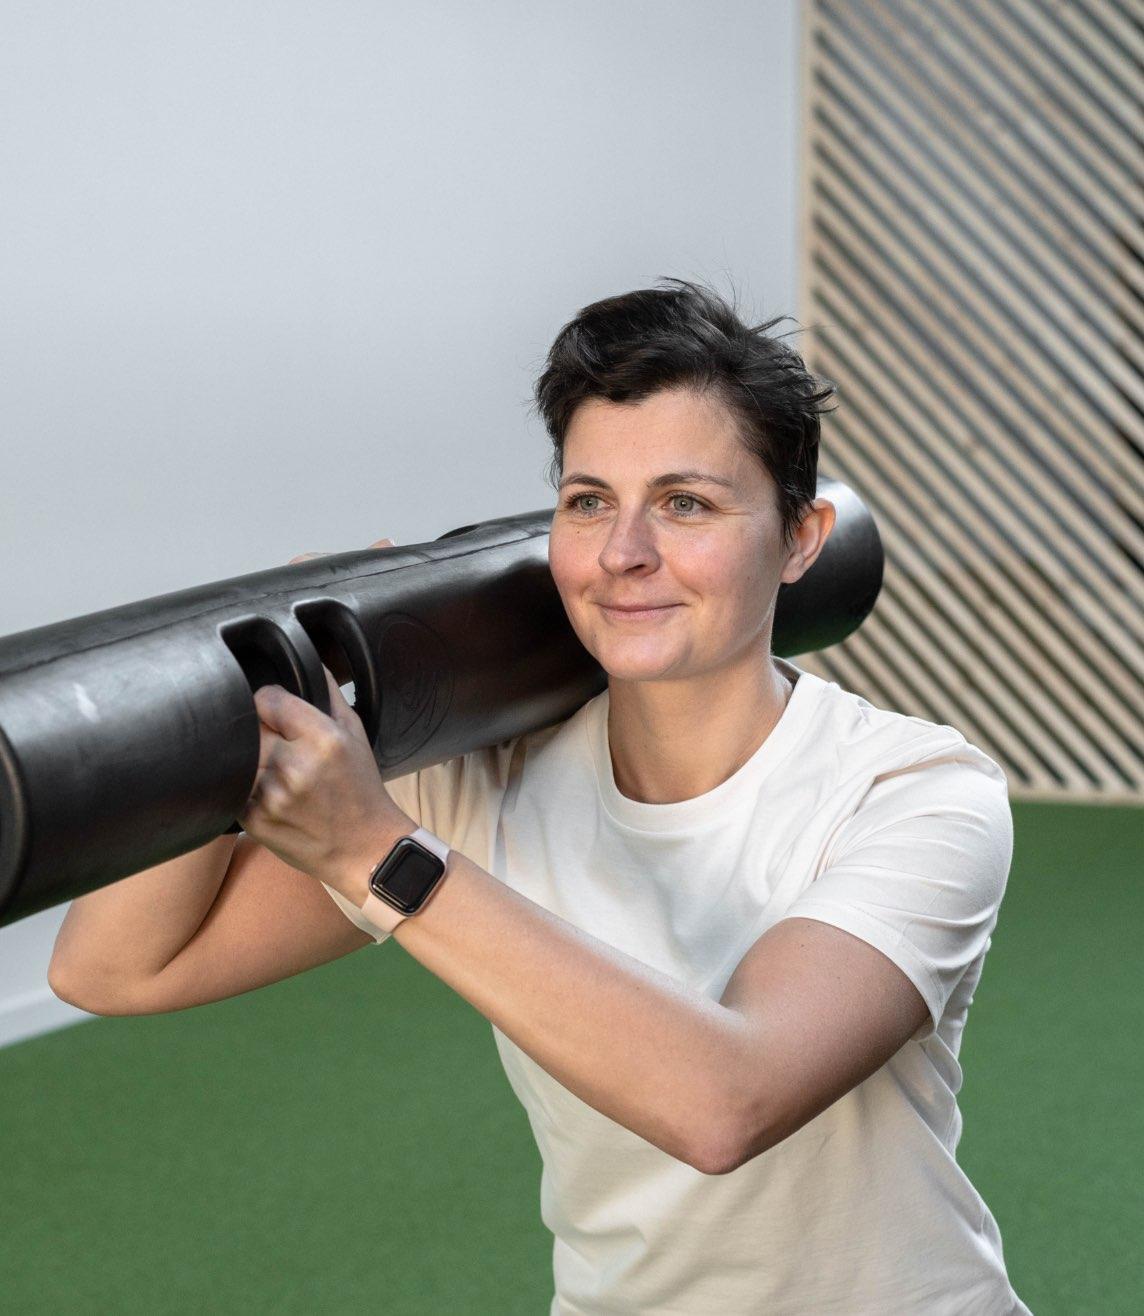 Foto van An Soenens die zwarte buis vast heeft op rechter schouder en oefening voor toont.